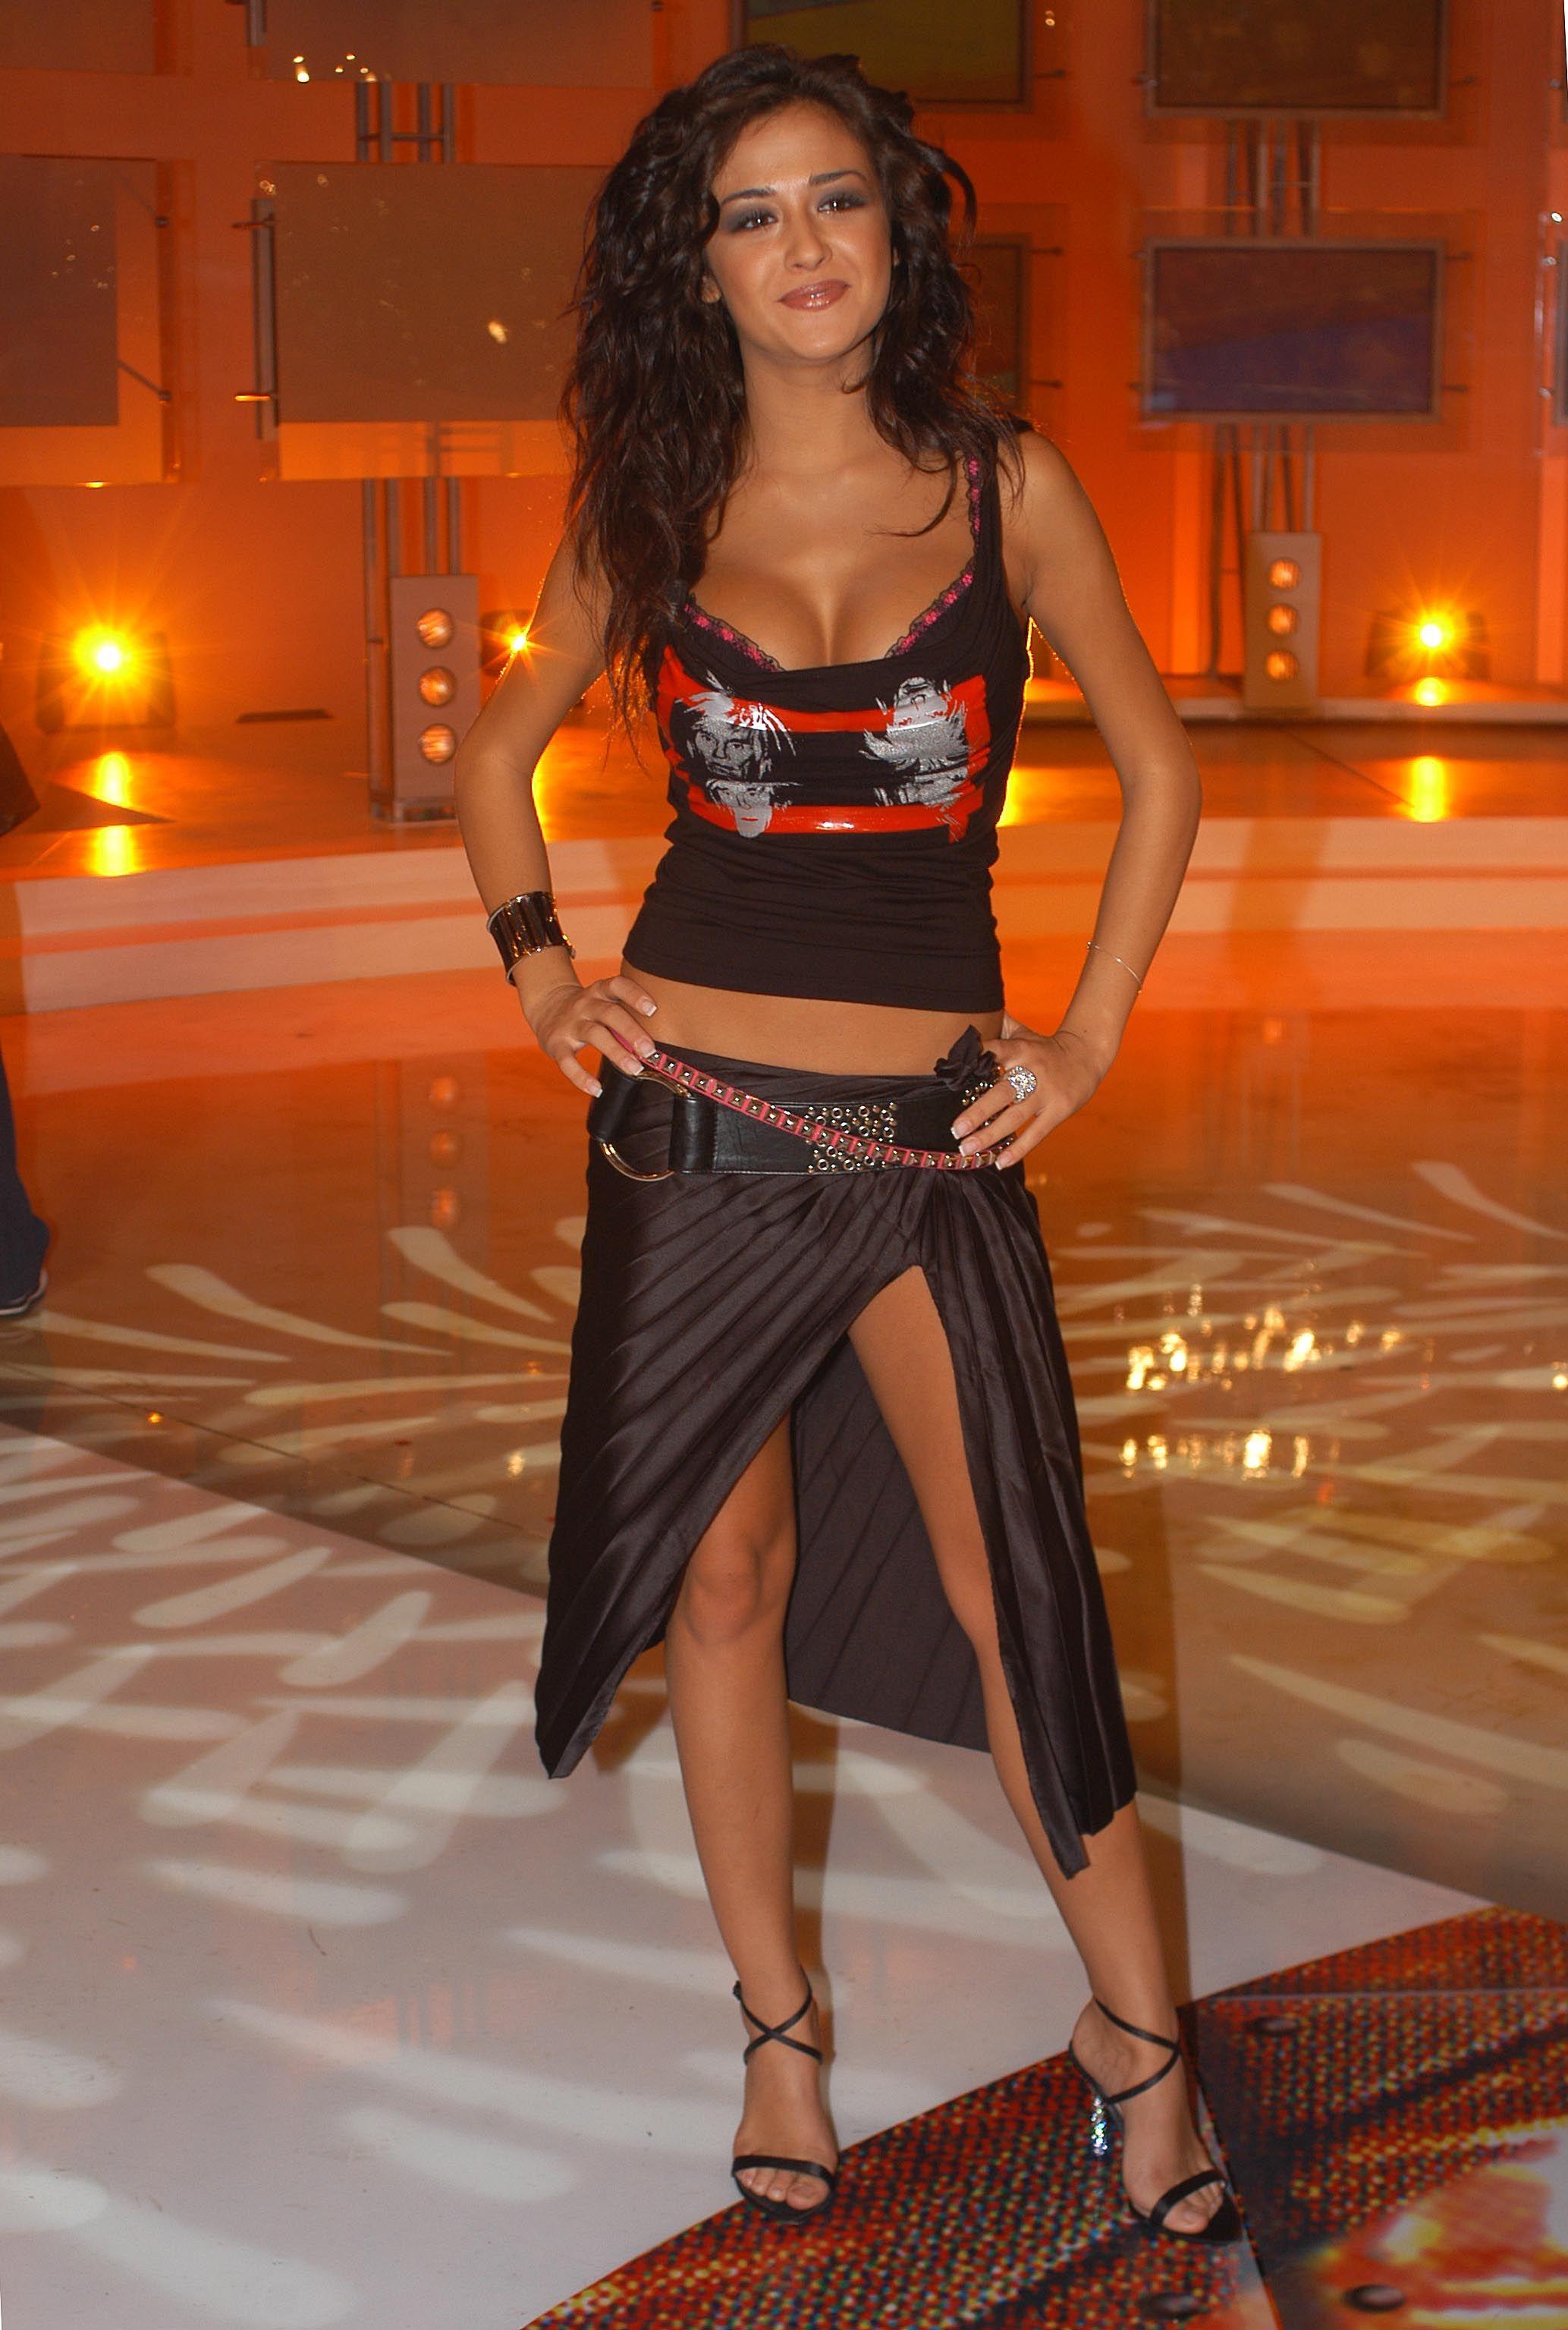 Giorgia Palmas Feet 439608 Jpg 2067 215 3071 Glamour G